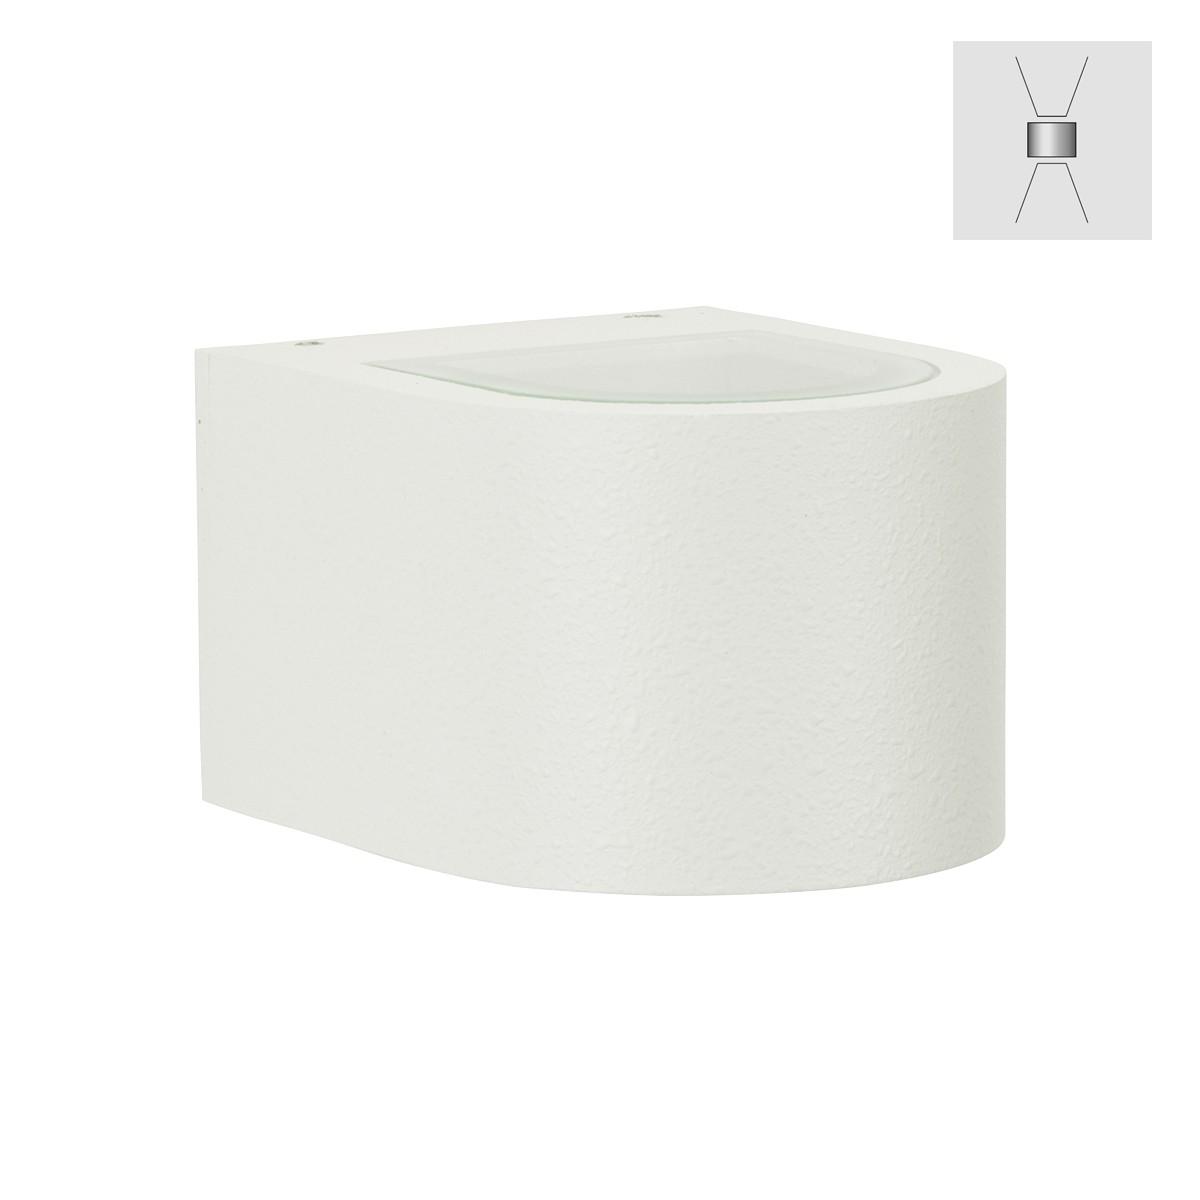 Albert 2340 Wandstrahler, breit/breit, weiß